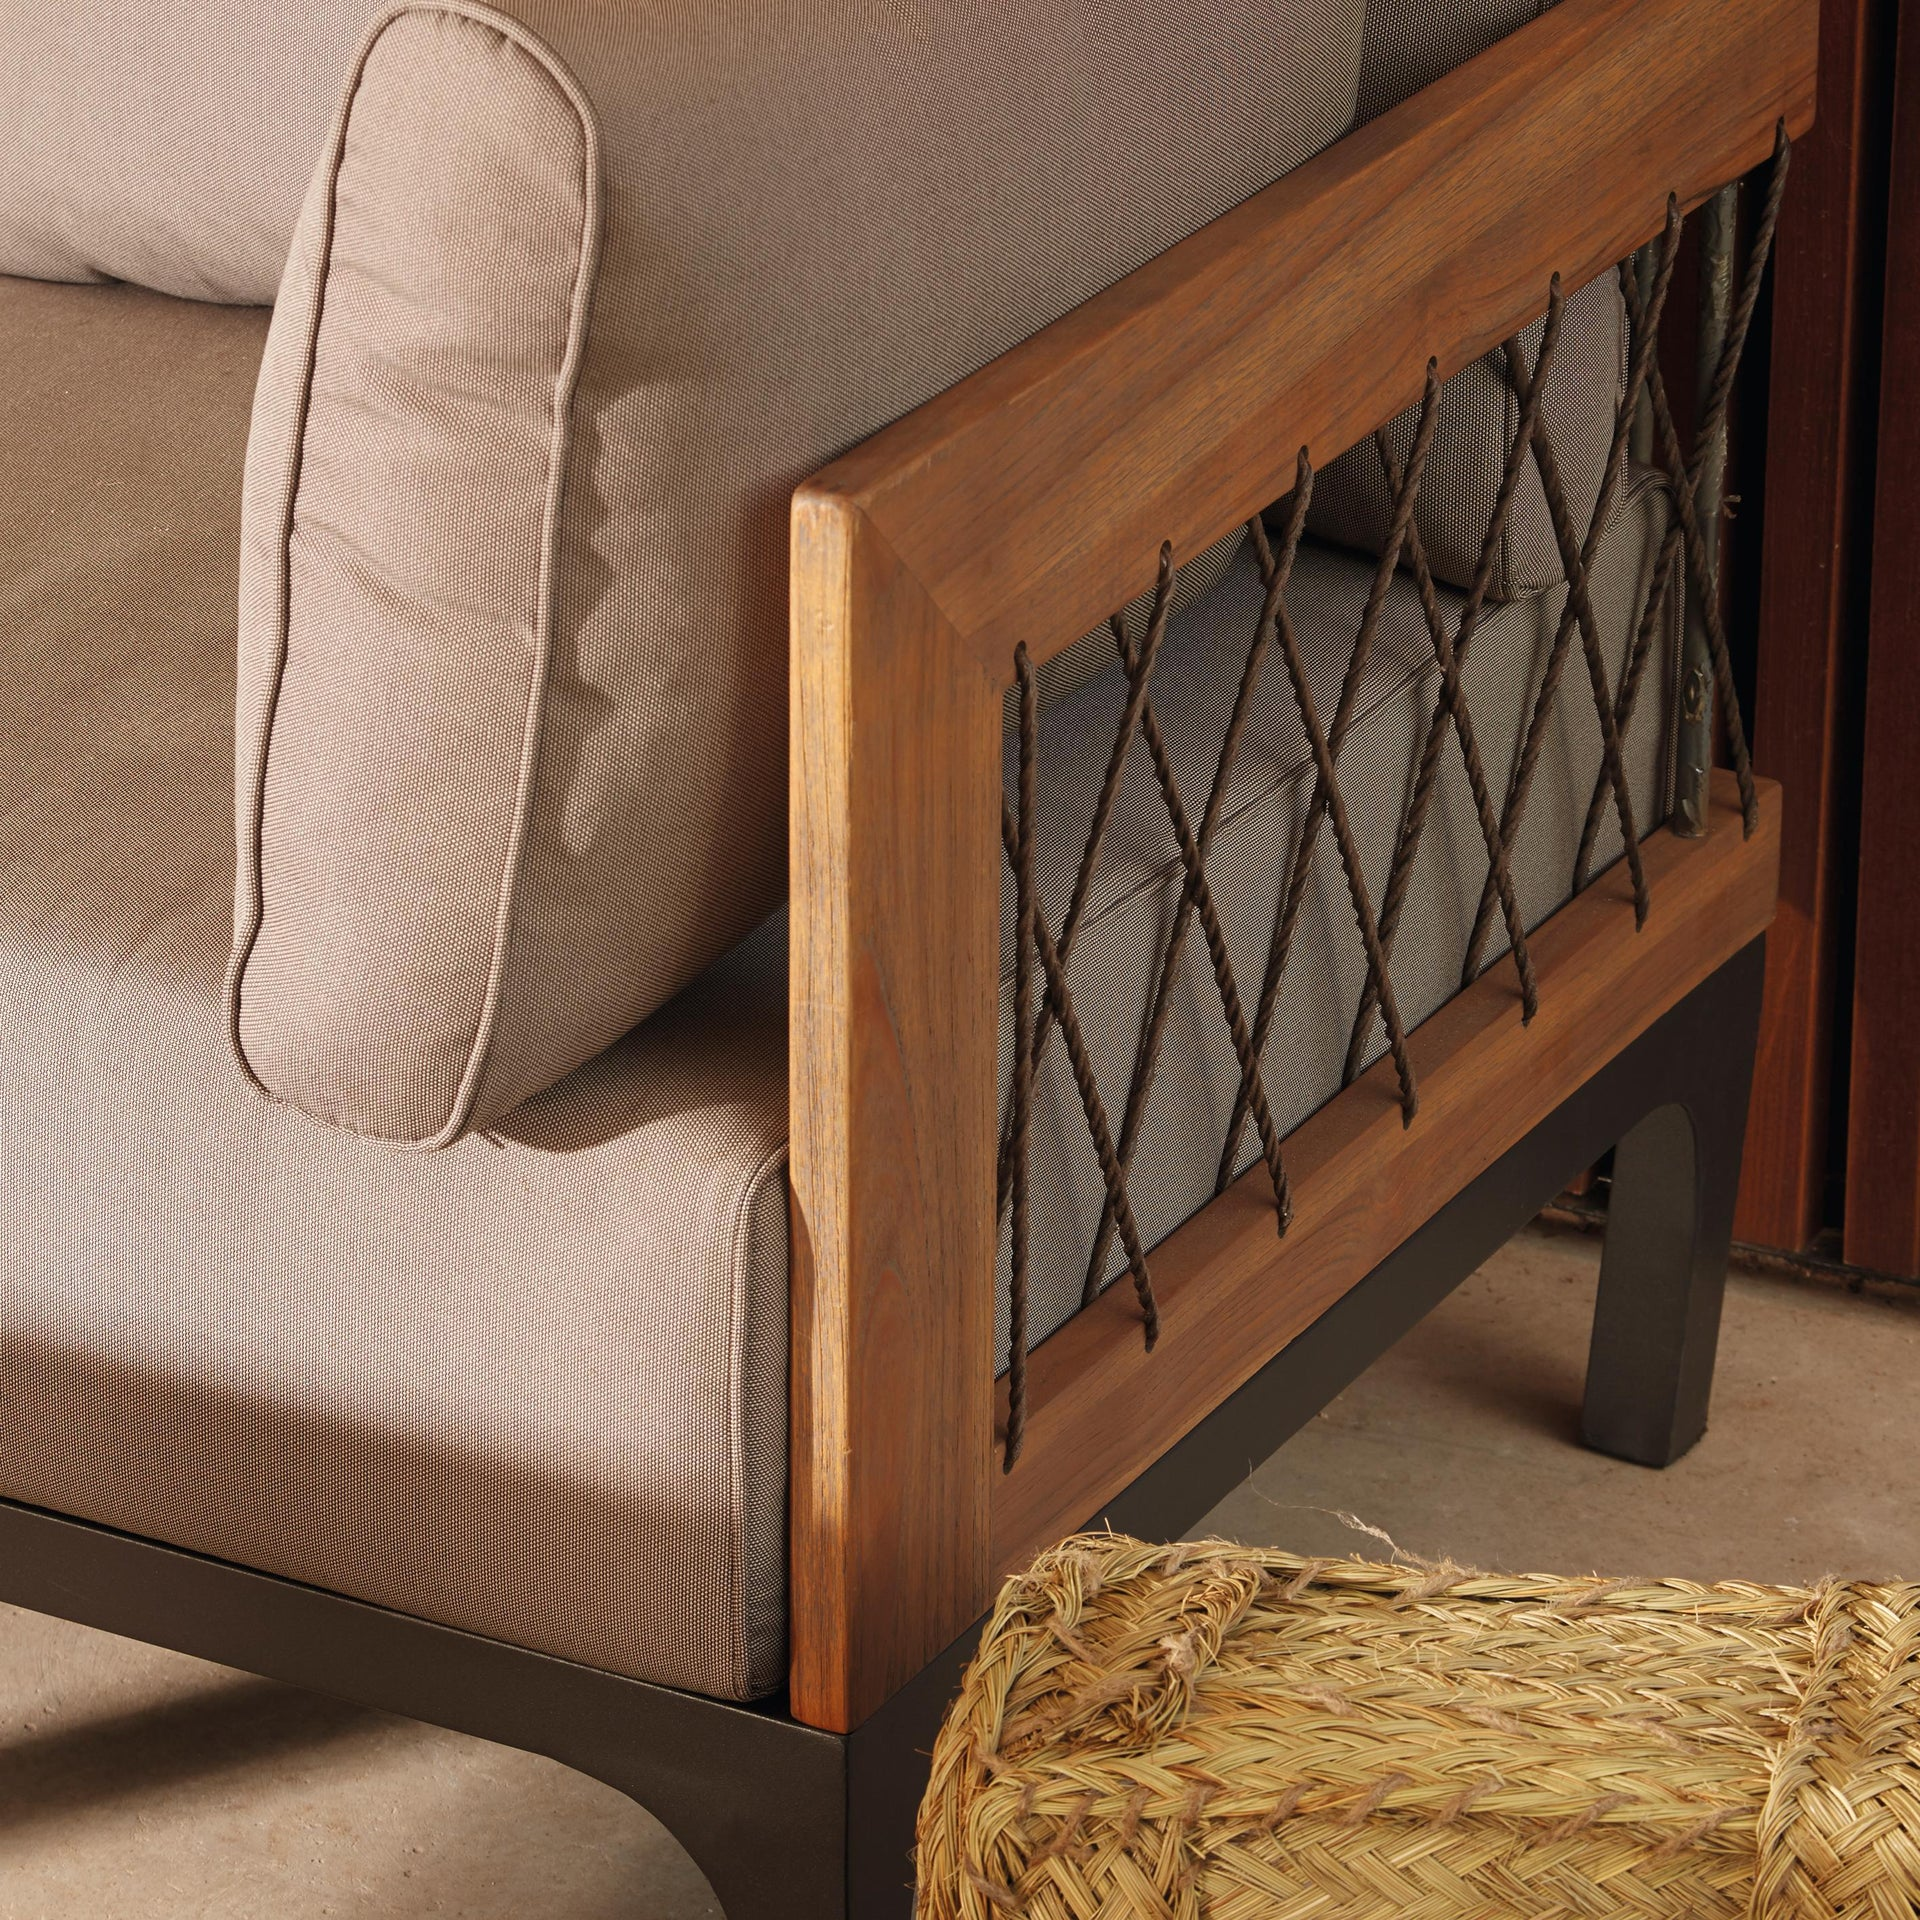 Divano da giardino con cuscino 2 posti in alluminio Peloponeso colore marrone e grigio - 3